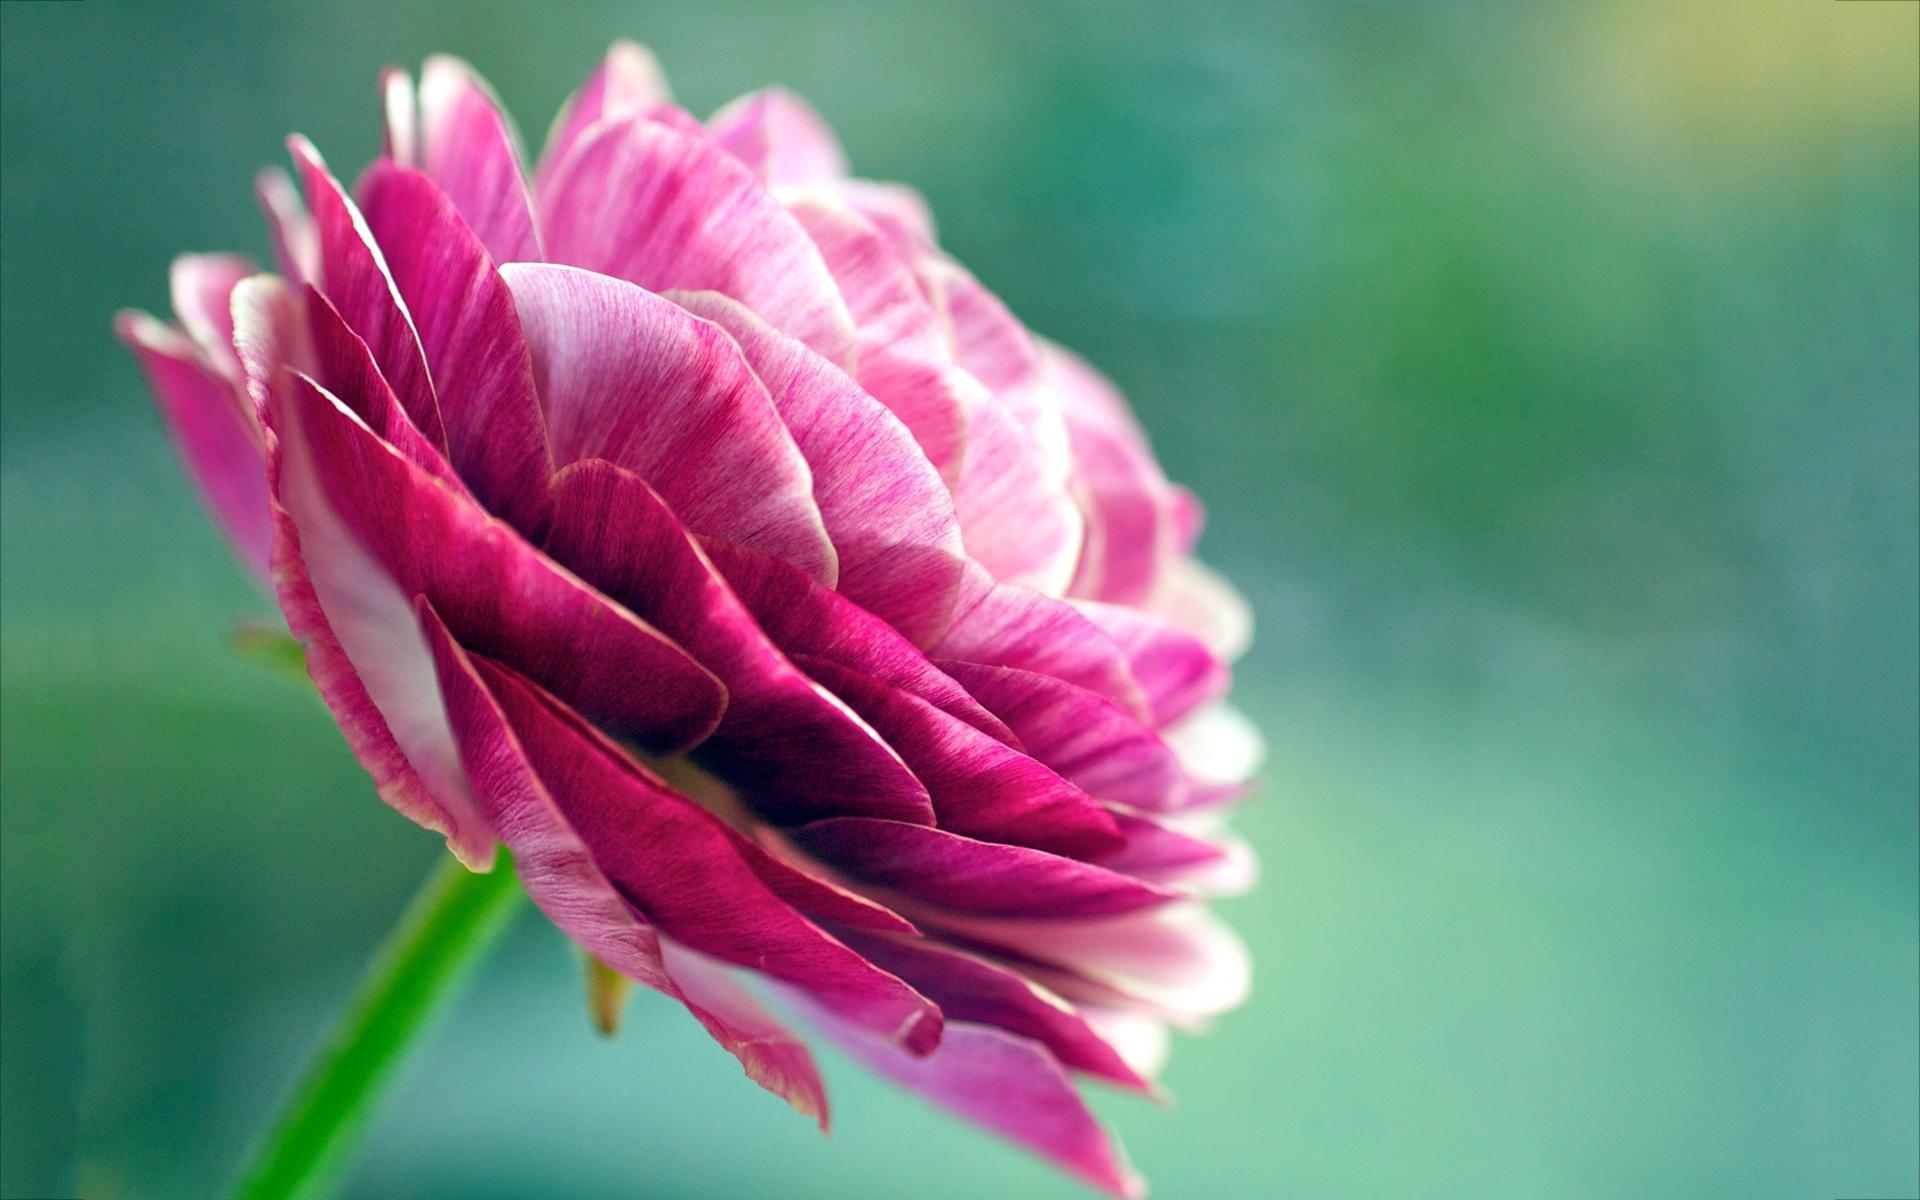 Asian buttercup flower